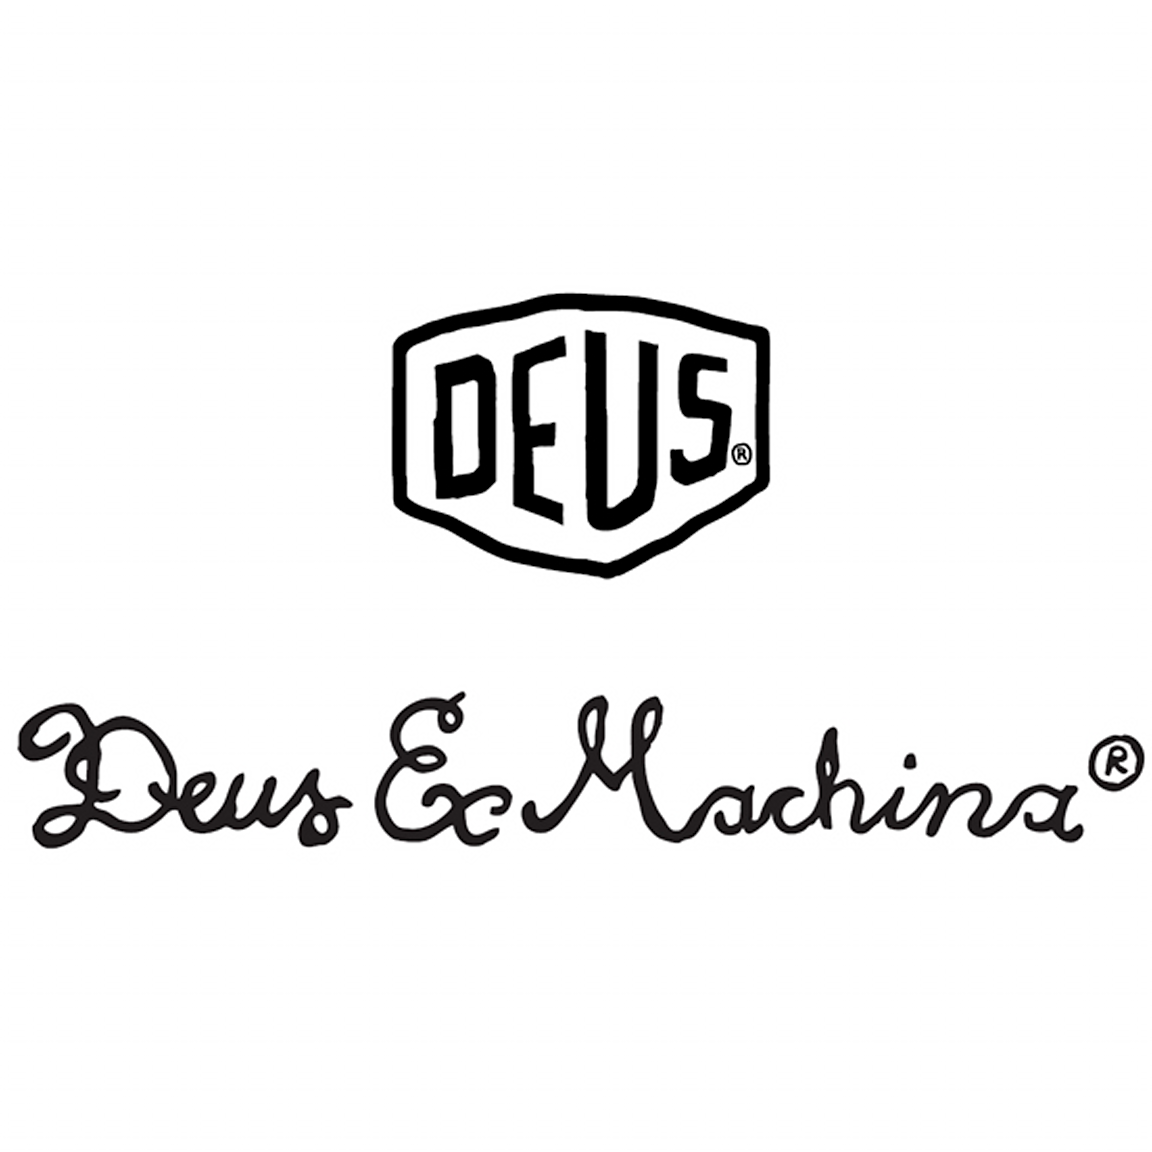 Deus Ex Machinа